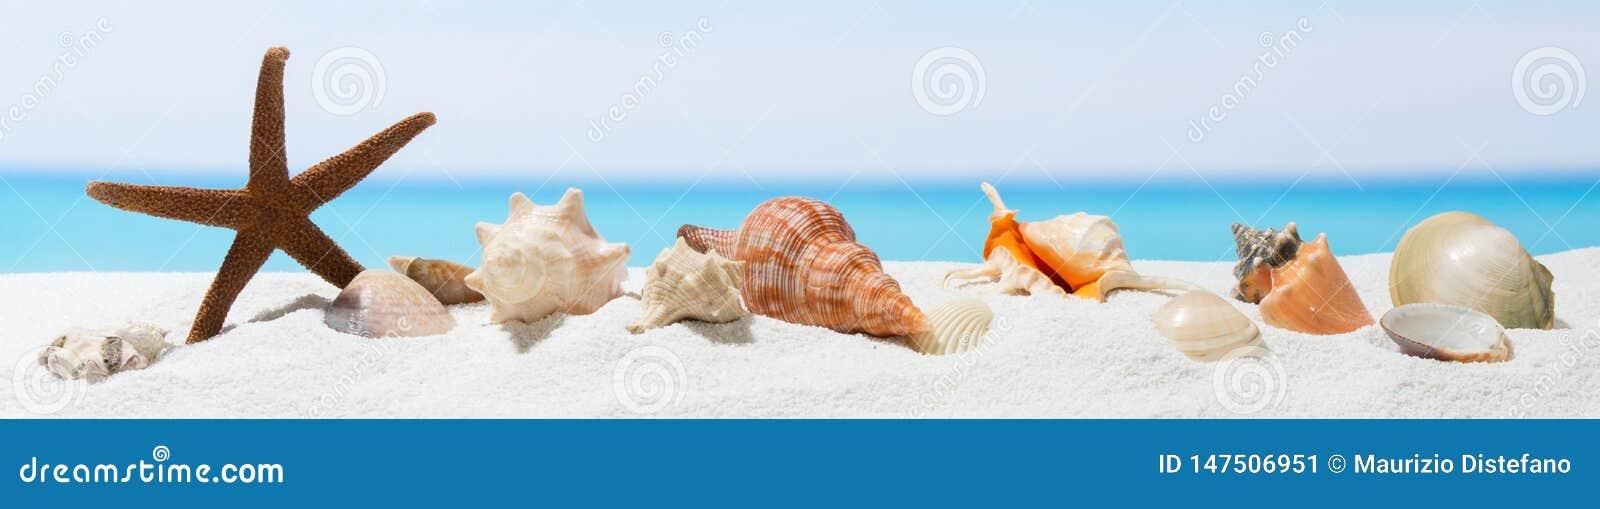 Fondo del verano de la bandera con la arena blanca Concha marina y estrellas de mar en la playa